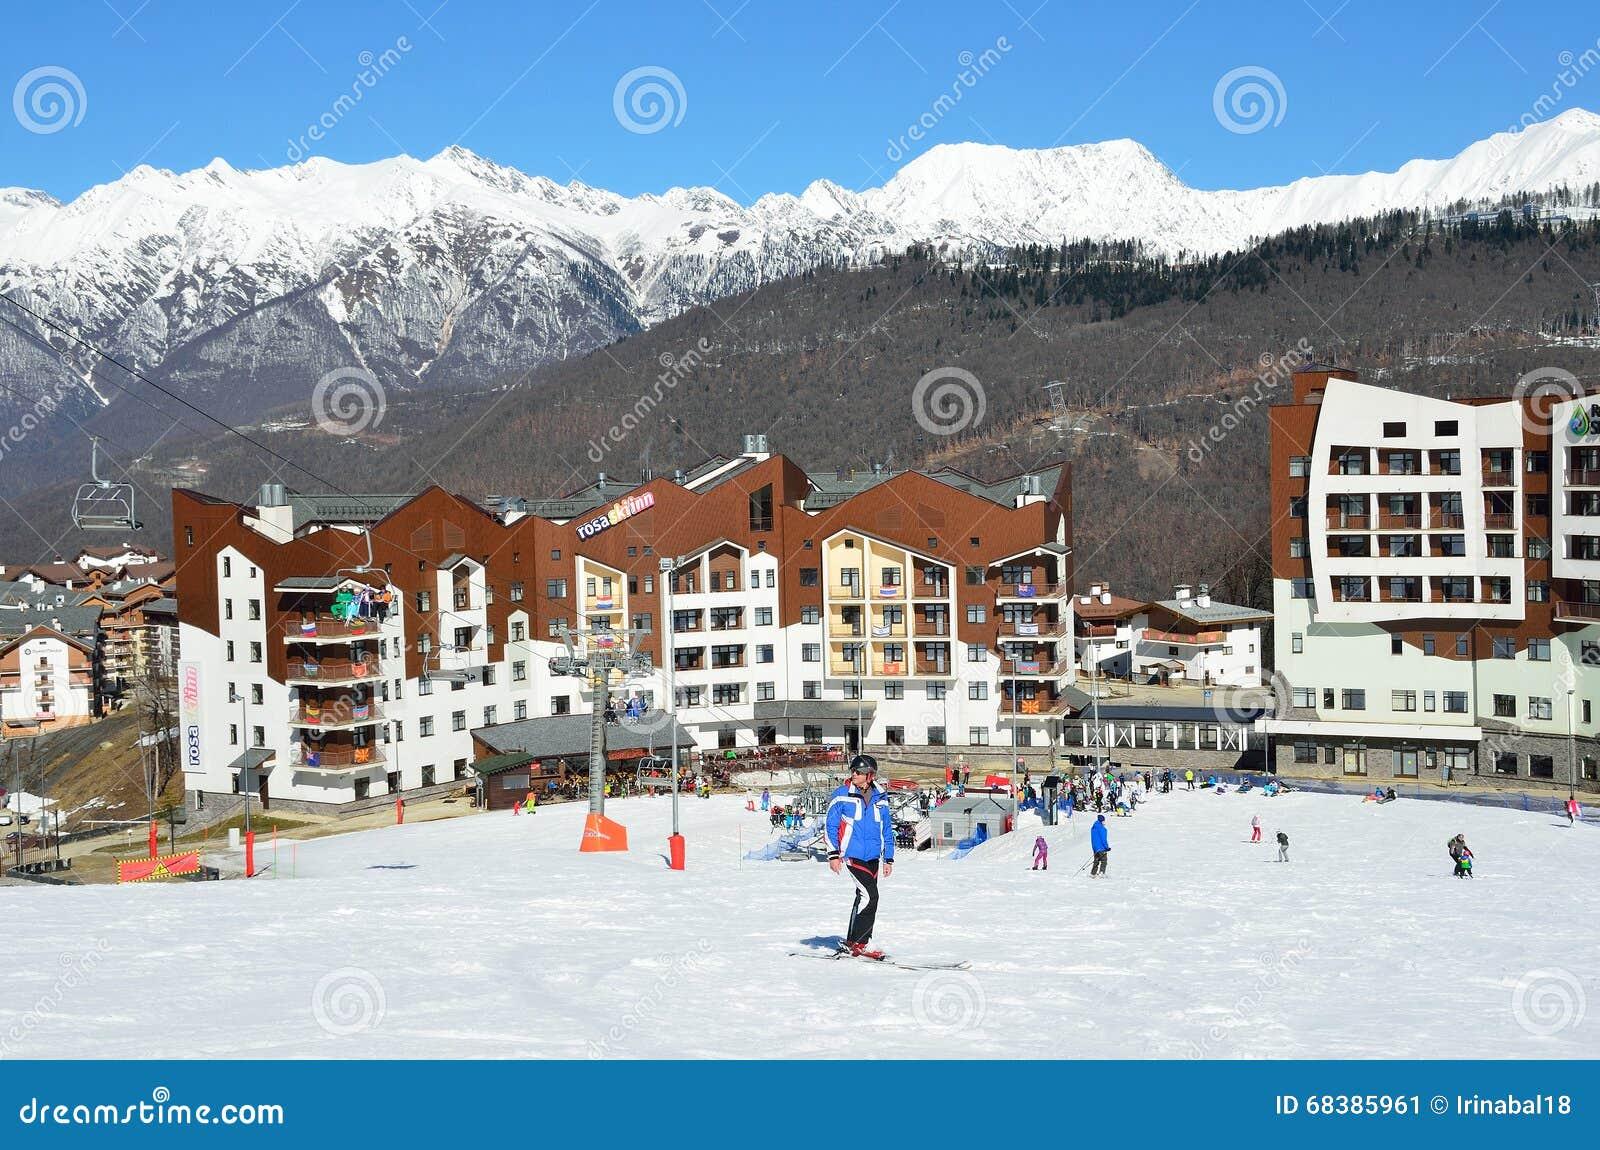 Ski Resort Rosa Khutor: reviews about skiing, ski slopes and hotels